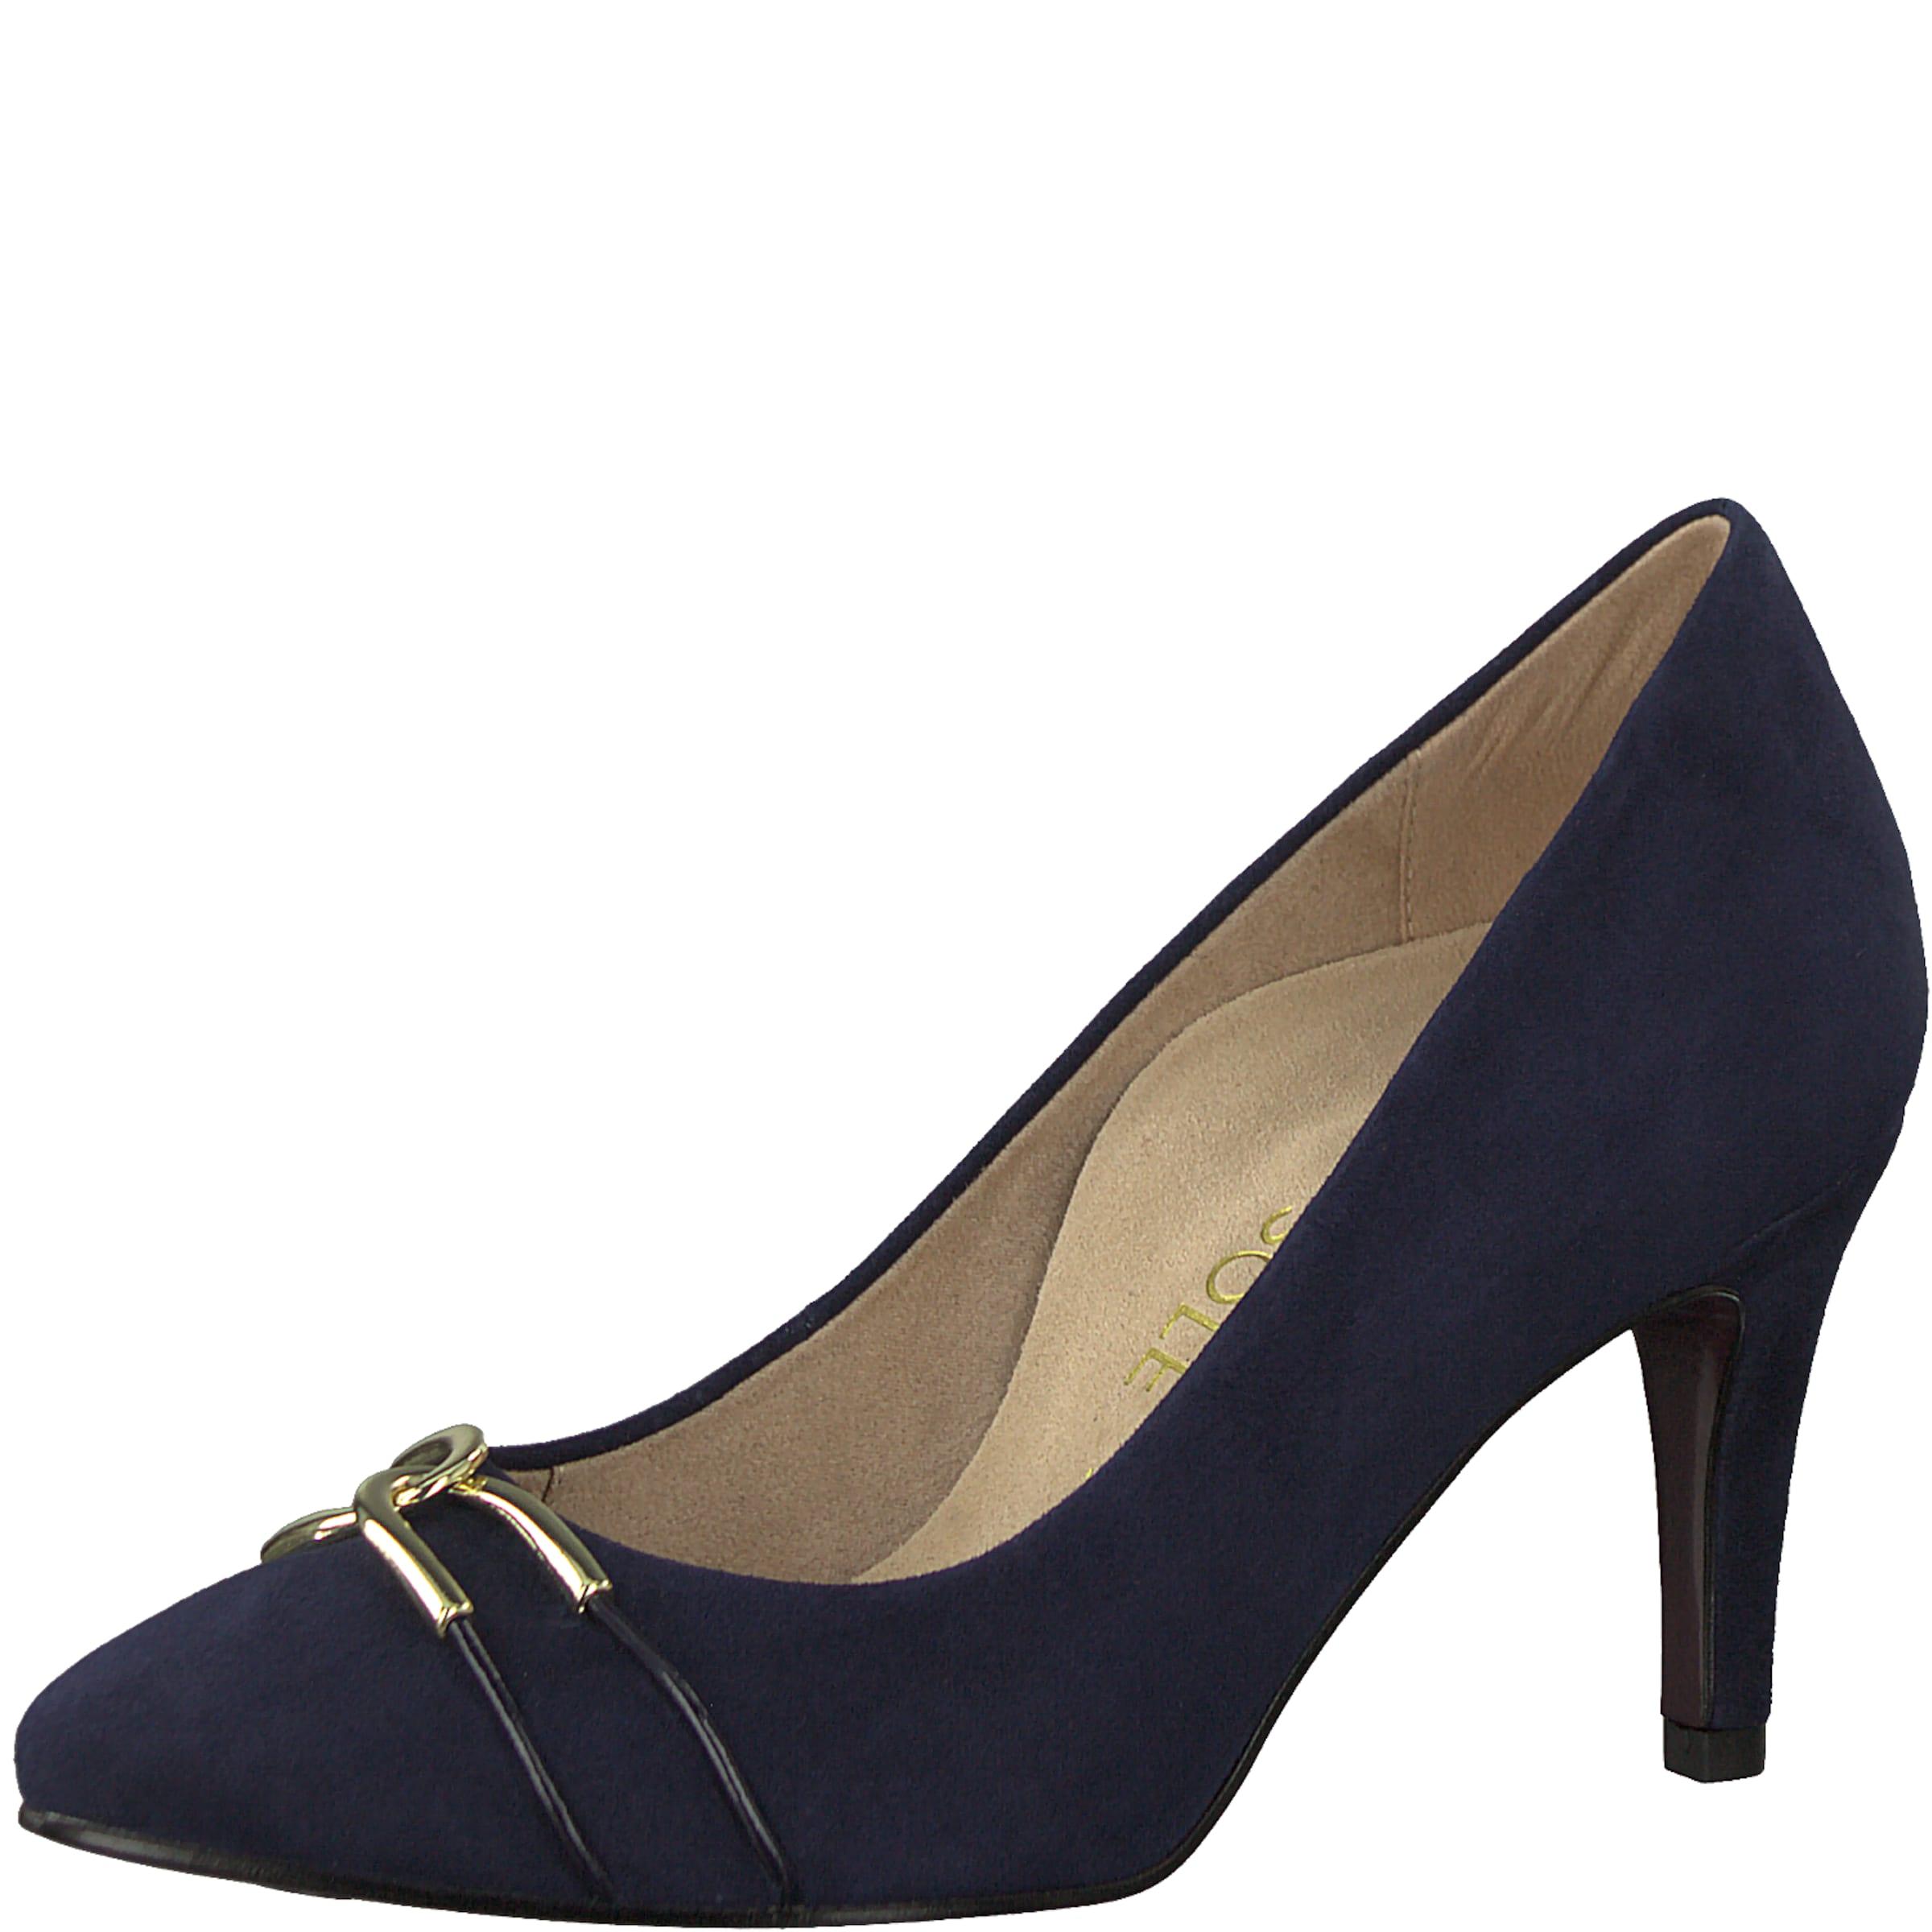 Haltbare Mode billige Schuhe TAMARIS   Pumps 'Heart&Sole' Schuhe Gut getragene Schuhe